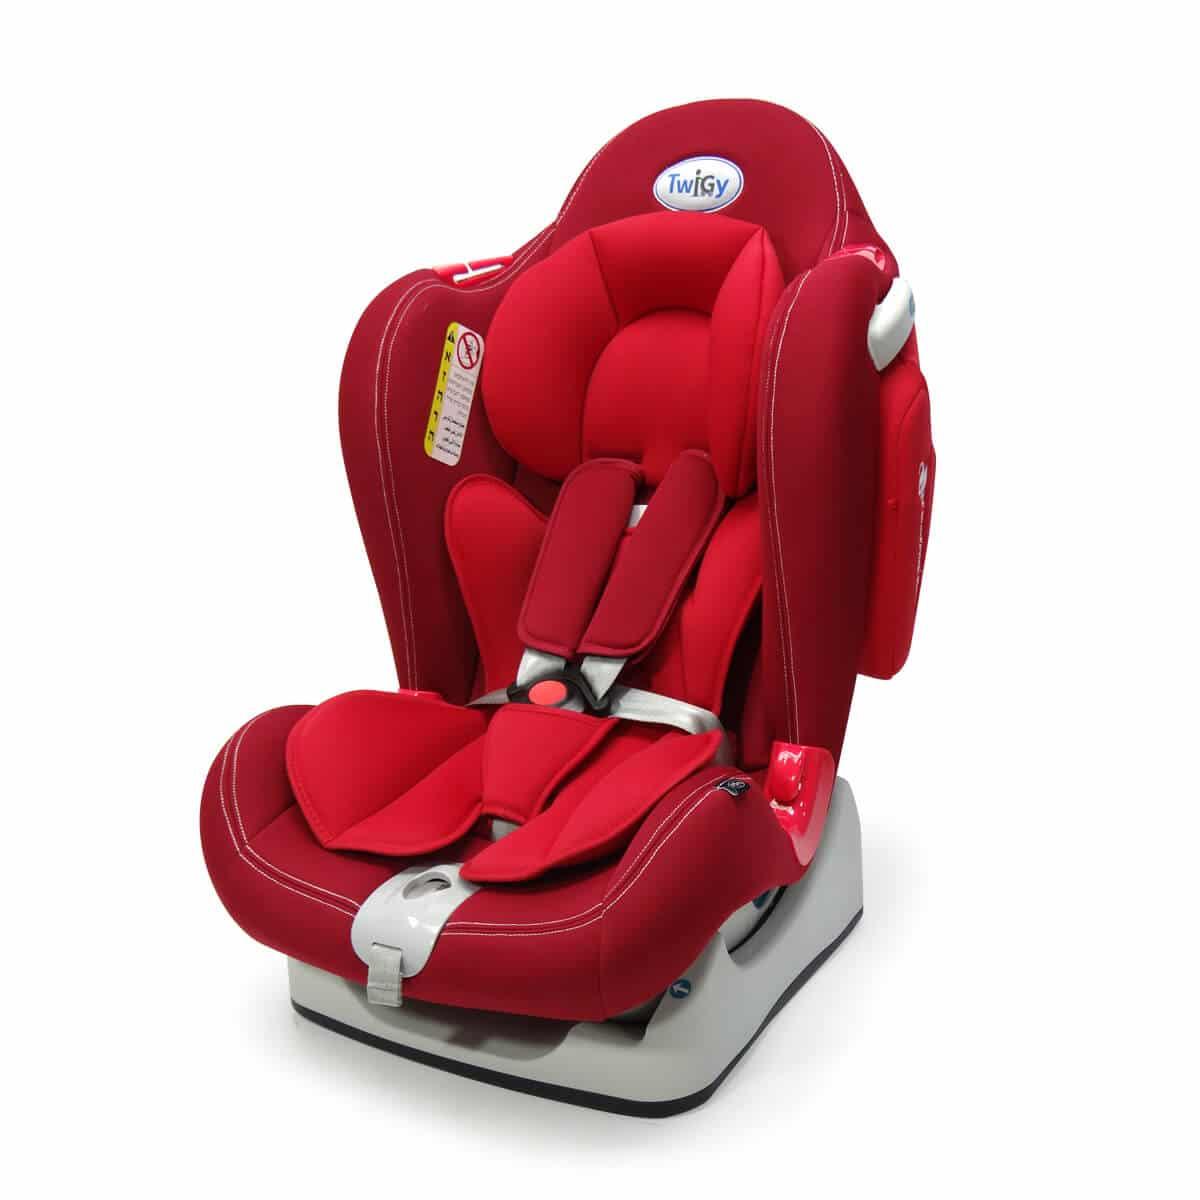 כיסא בטיחות סייפ גארד אדום-בורדו טוויגי